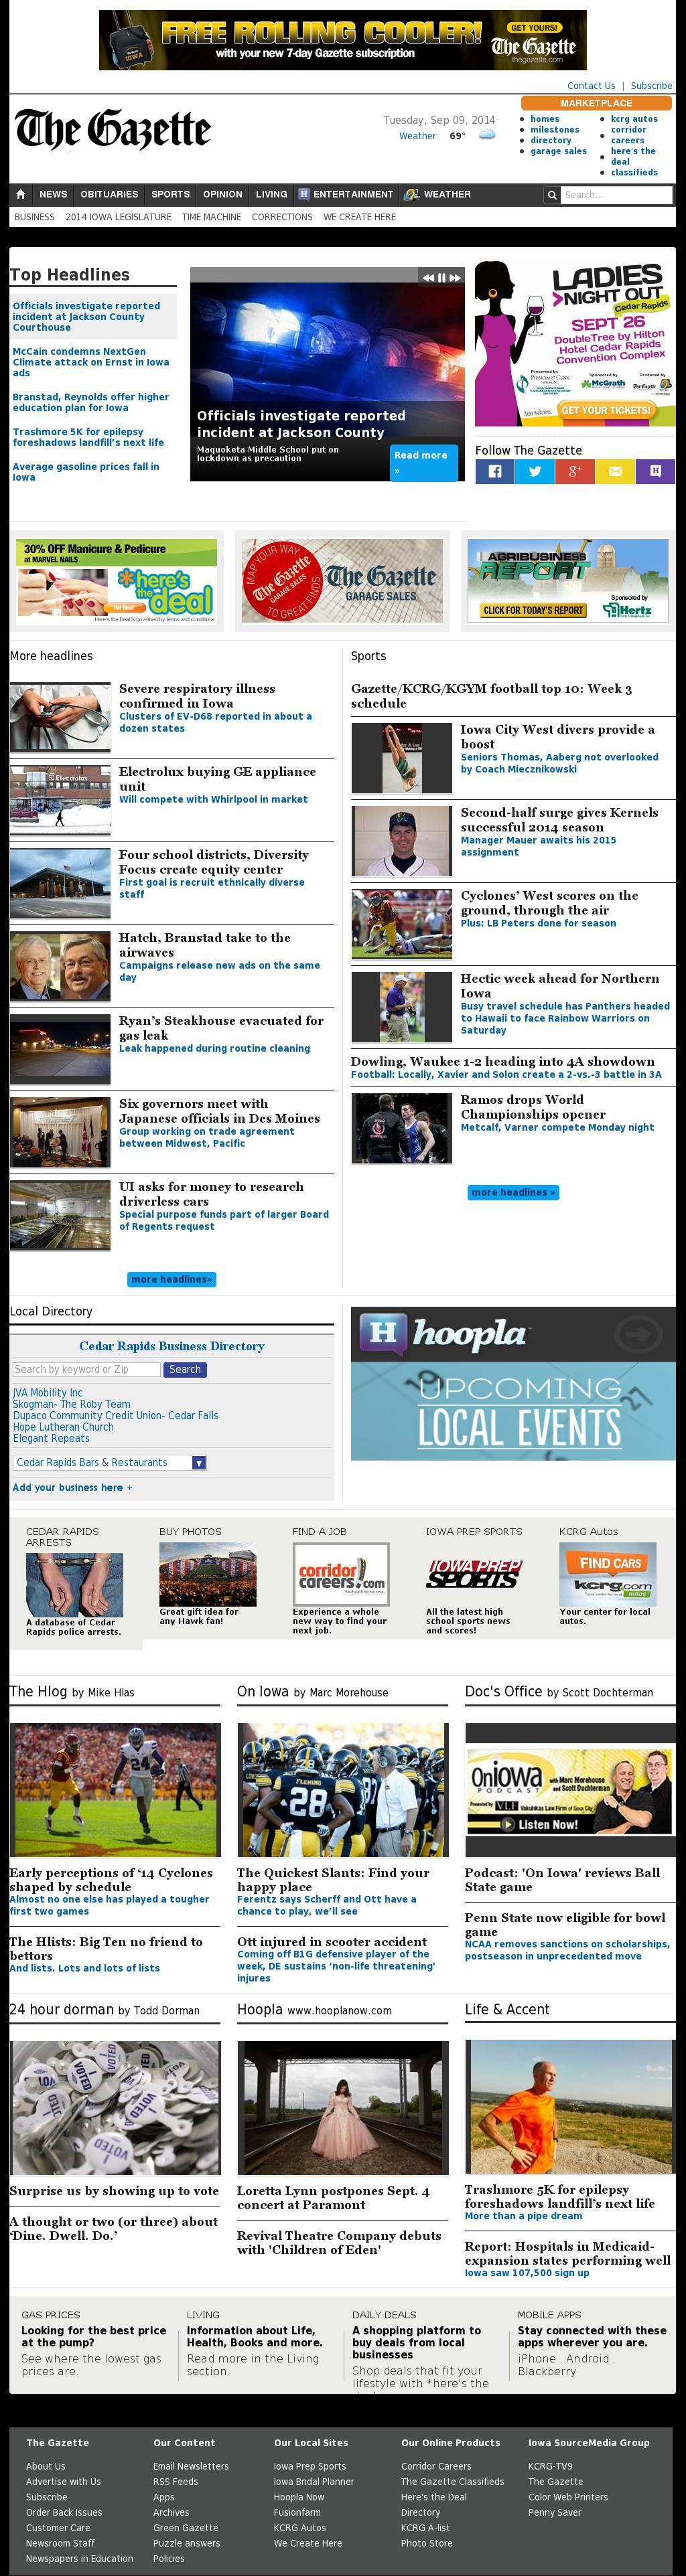 The (Cedar Rapids) Gazette at Tuesday Sept. 9, 2014, 6:07 p.m. UTC